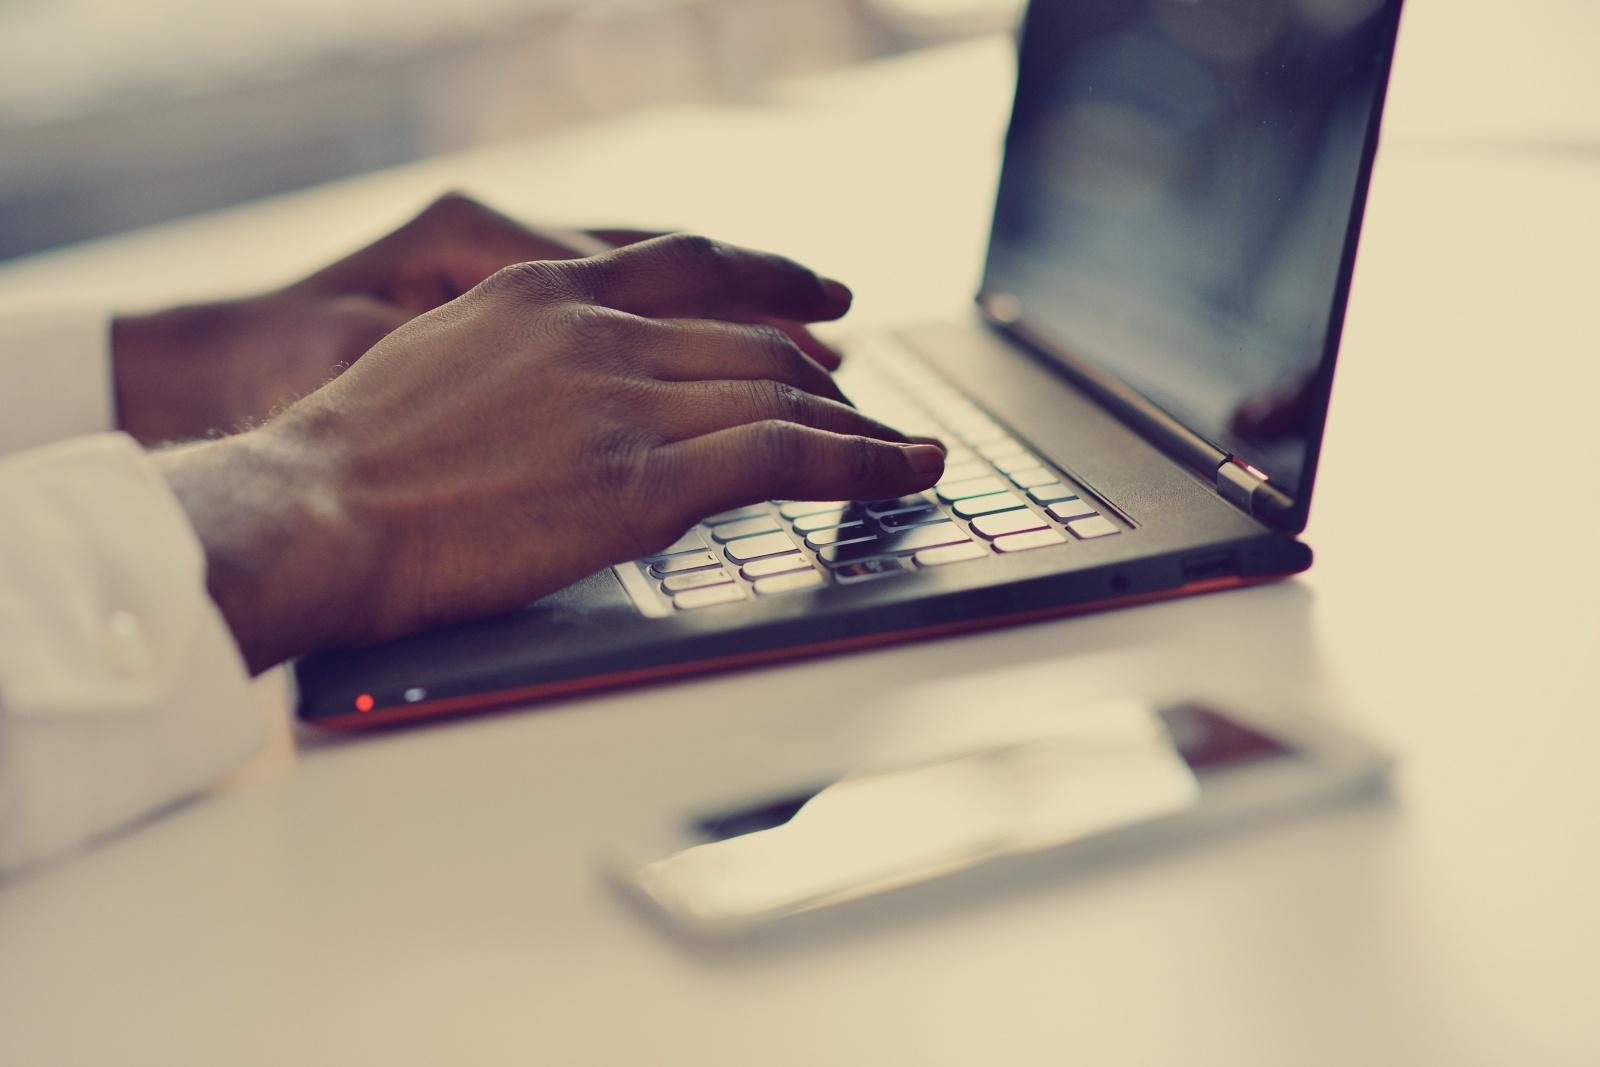 Вход в IT: опыт нигерийского разработчика - 1